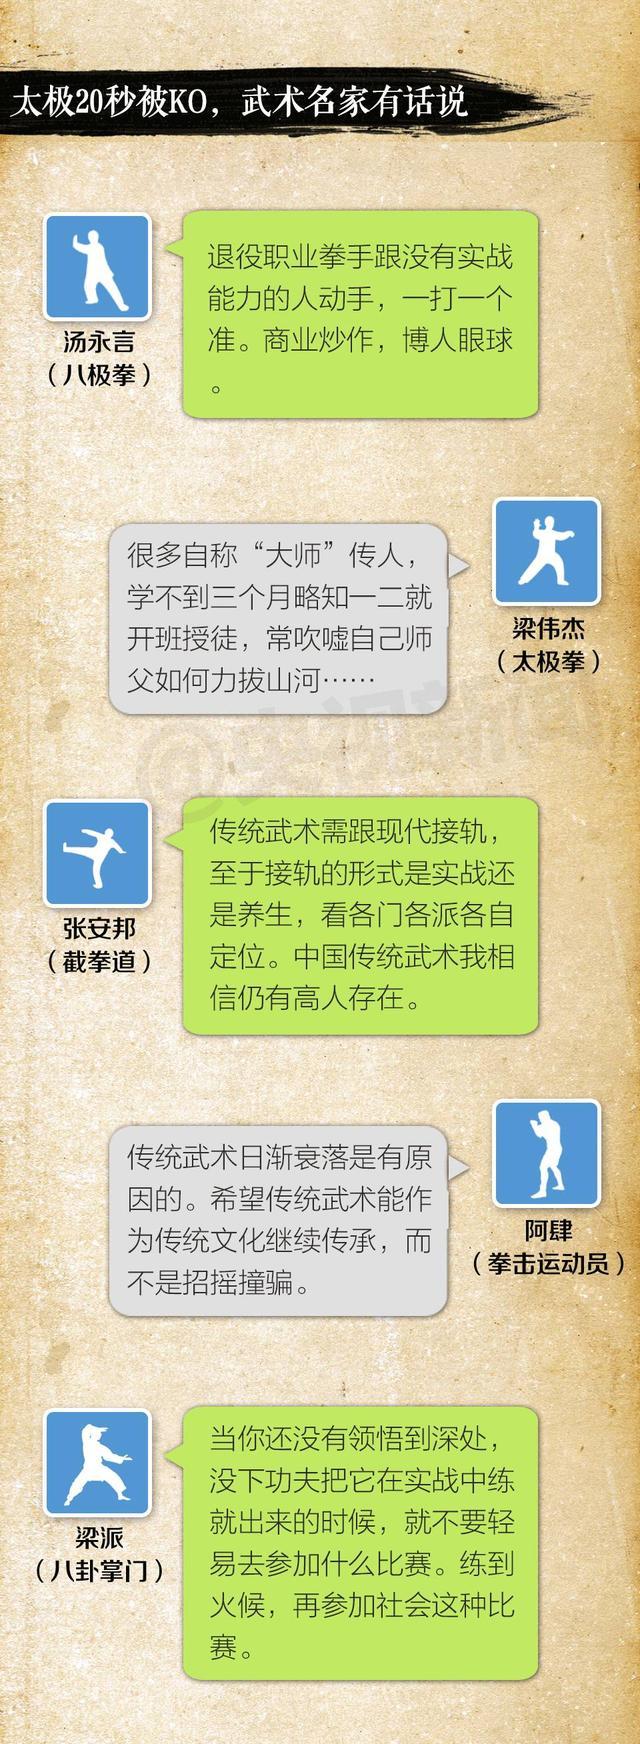 一张图告诉你:搏击vs传统武术 打假还是炒作?